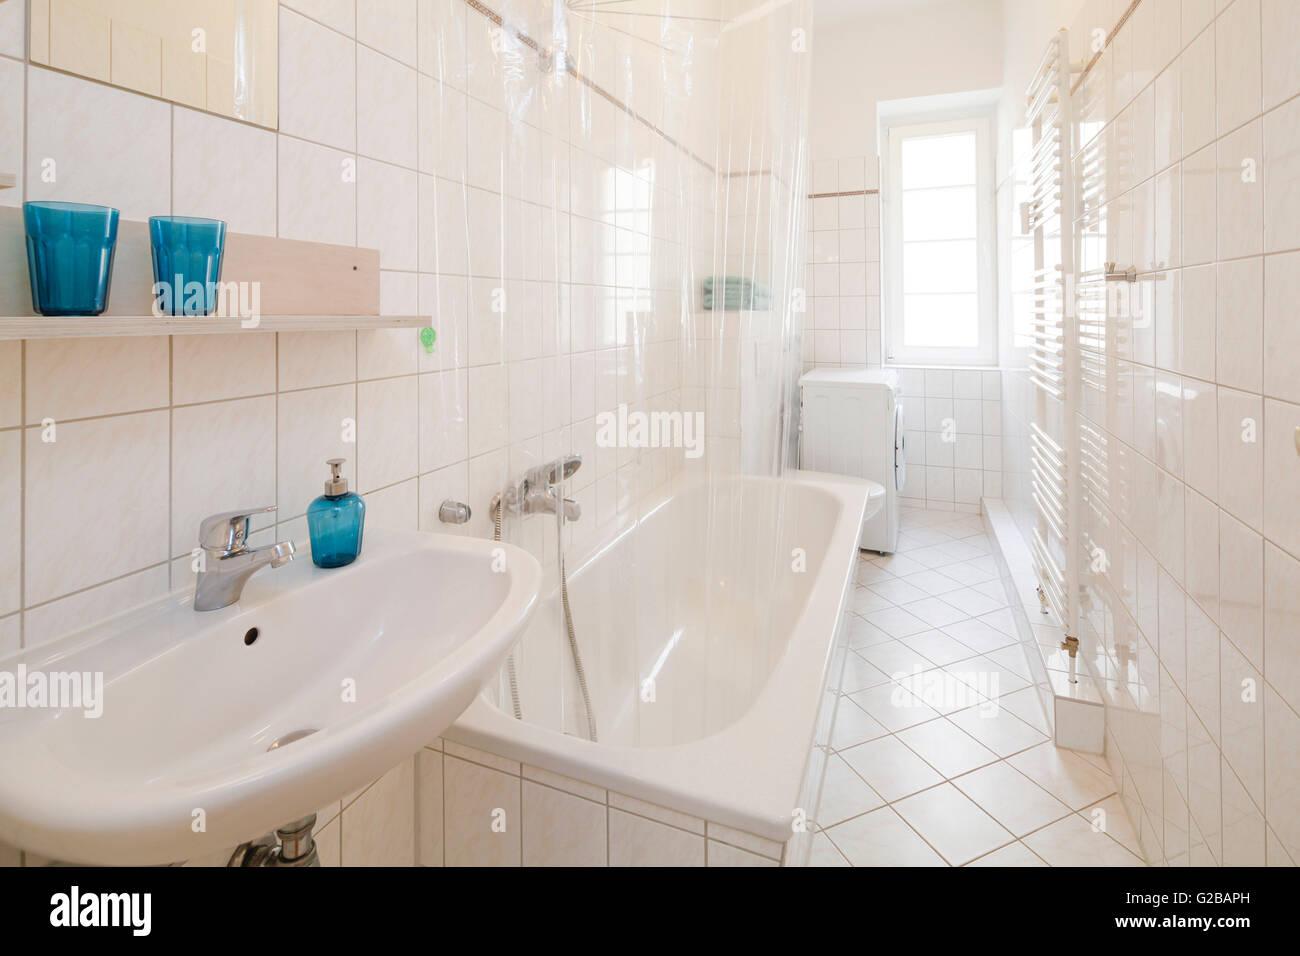 Bagni Piastrelle Bianche : Wisbyer strasse una moderna stanza da bagno con piastrelle